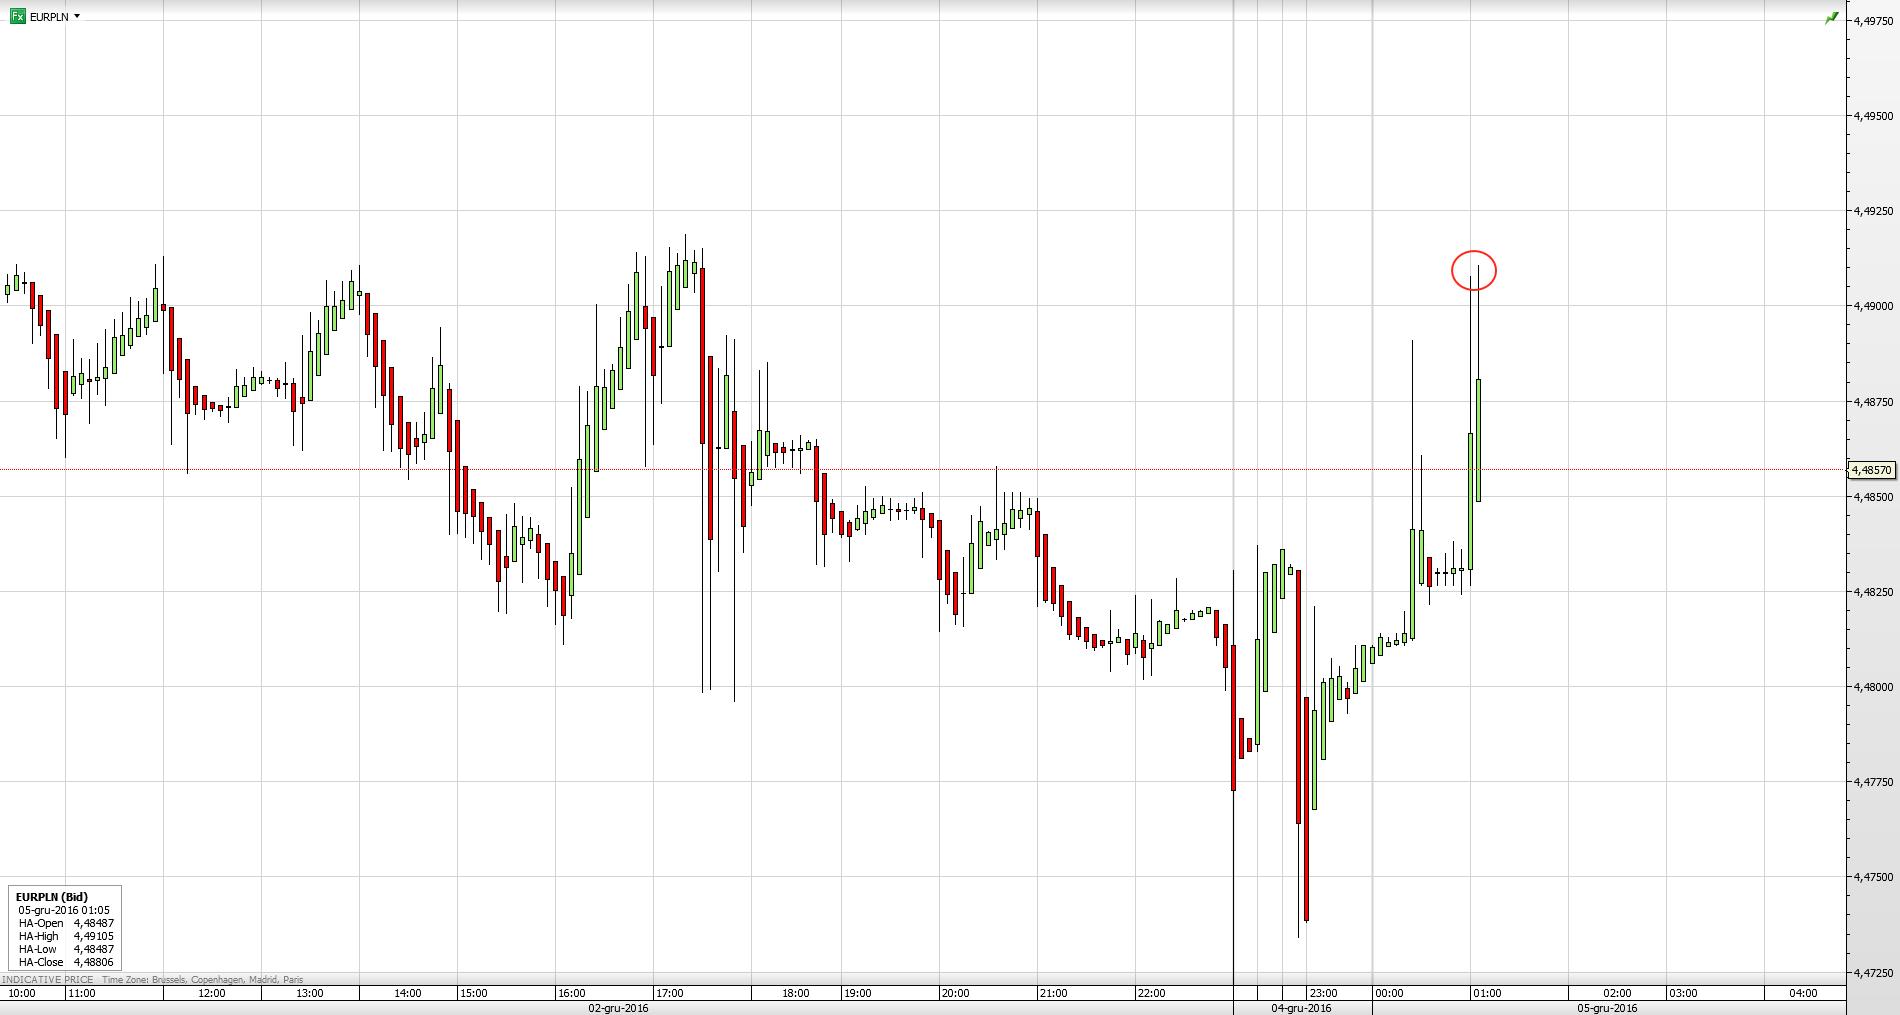 Reakcja pary walutowej EUR/PLN na wyniki referendum we Włoszech